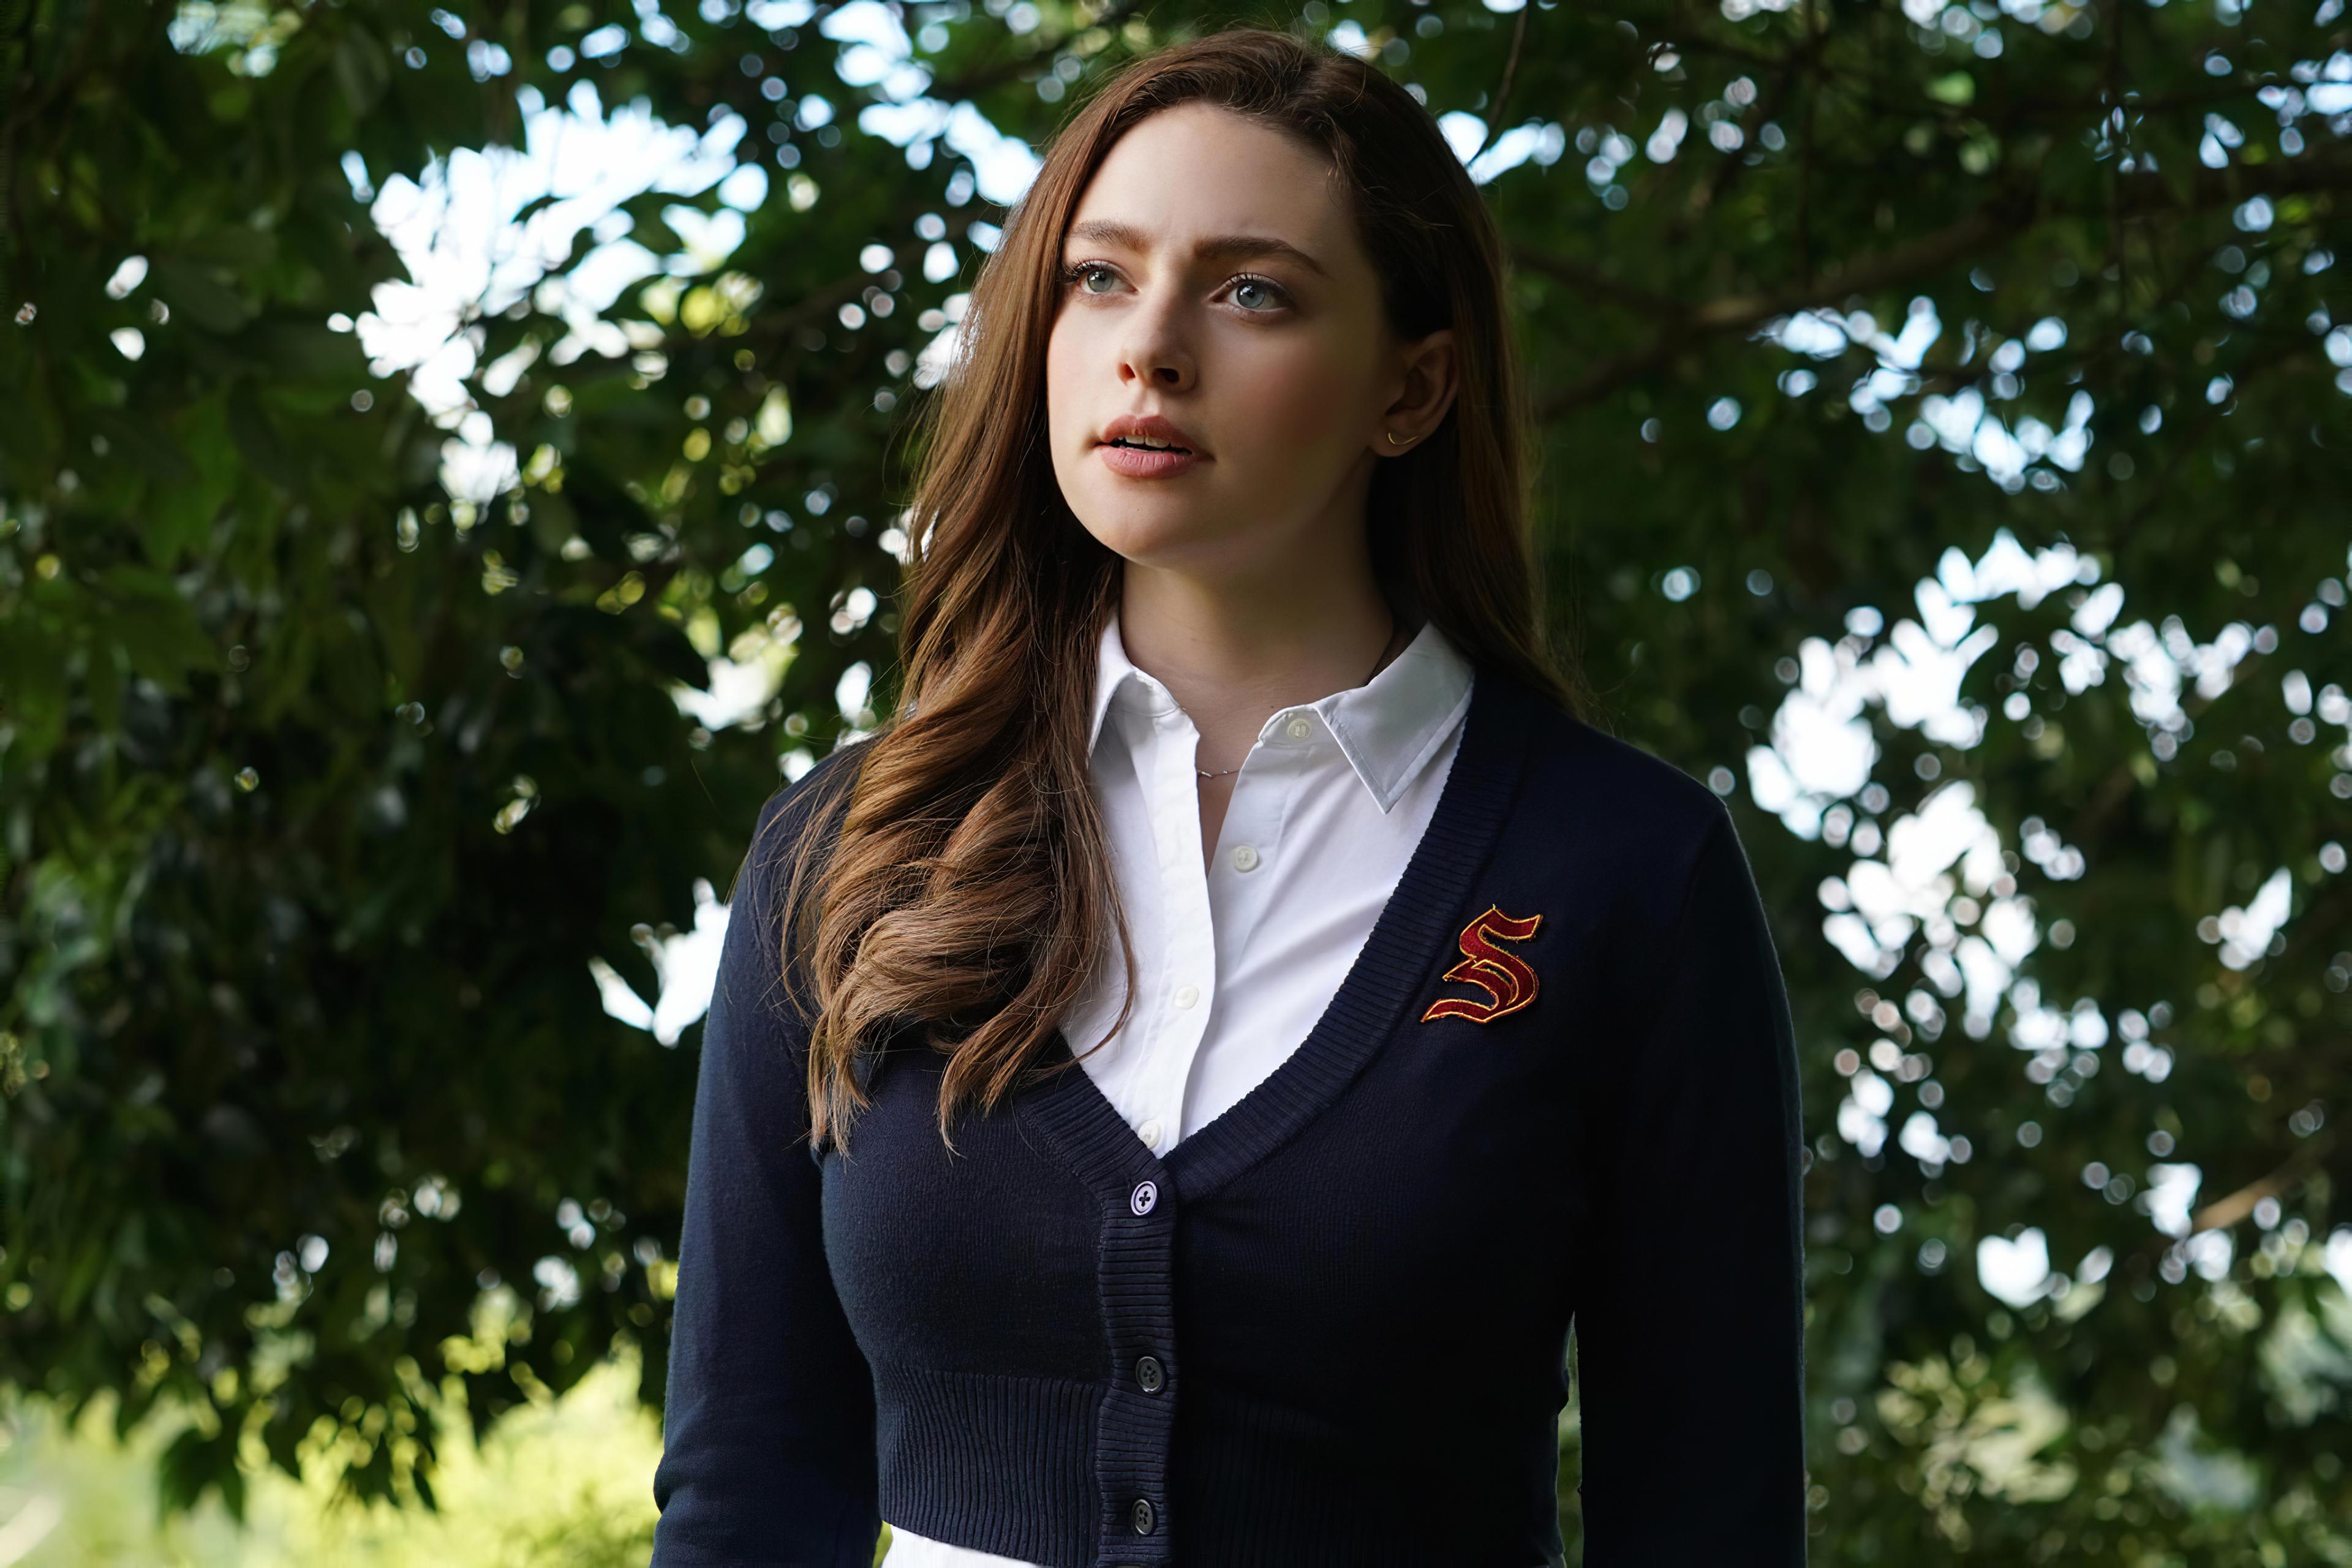 danielle rose russell in legacies 1578253275 - Danielle Rose Russell In Legacies -